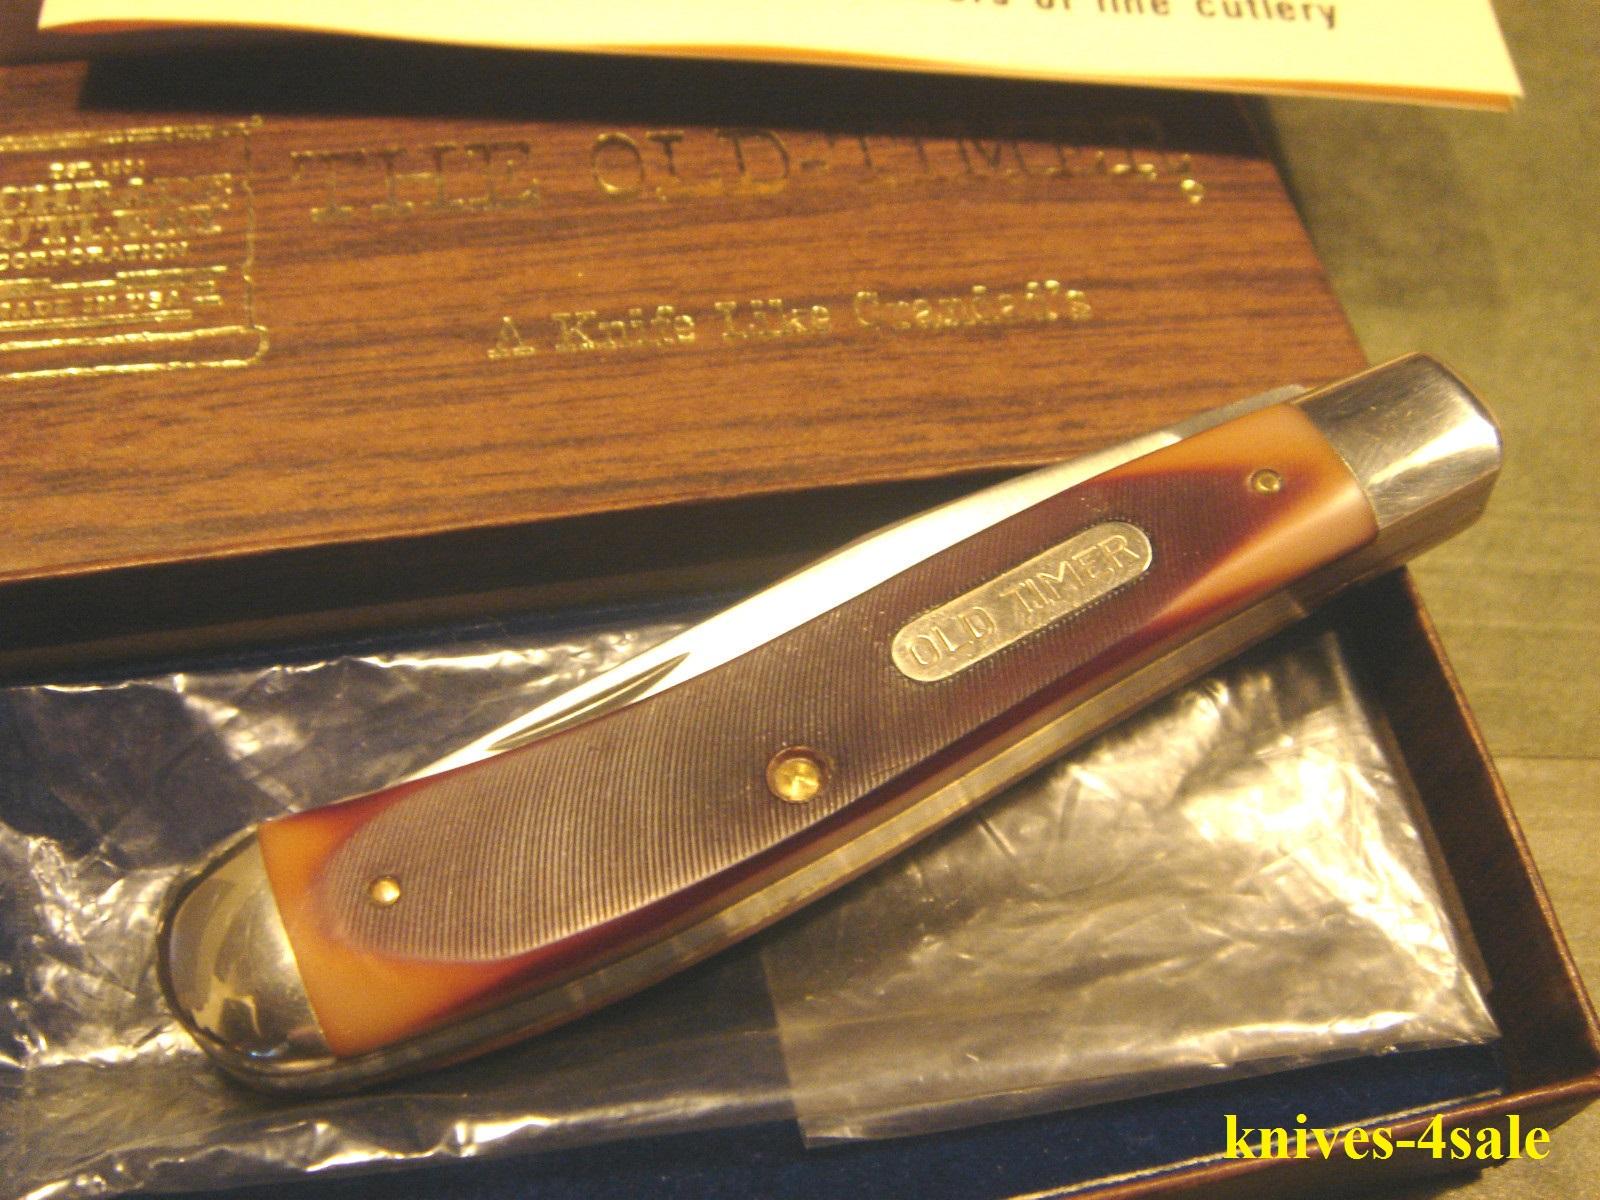 knives-4sale: Vintage Schrade USA 194OT Old Timer Trapper